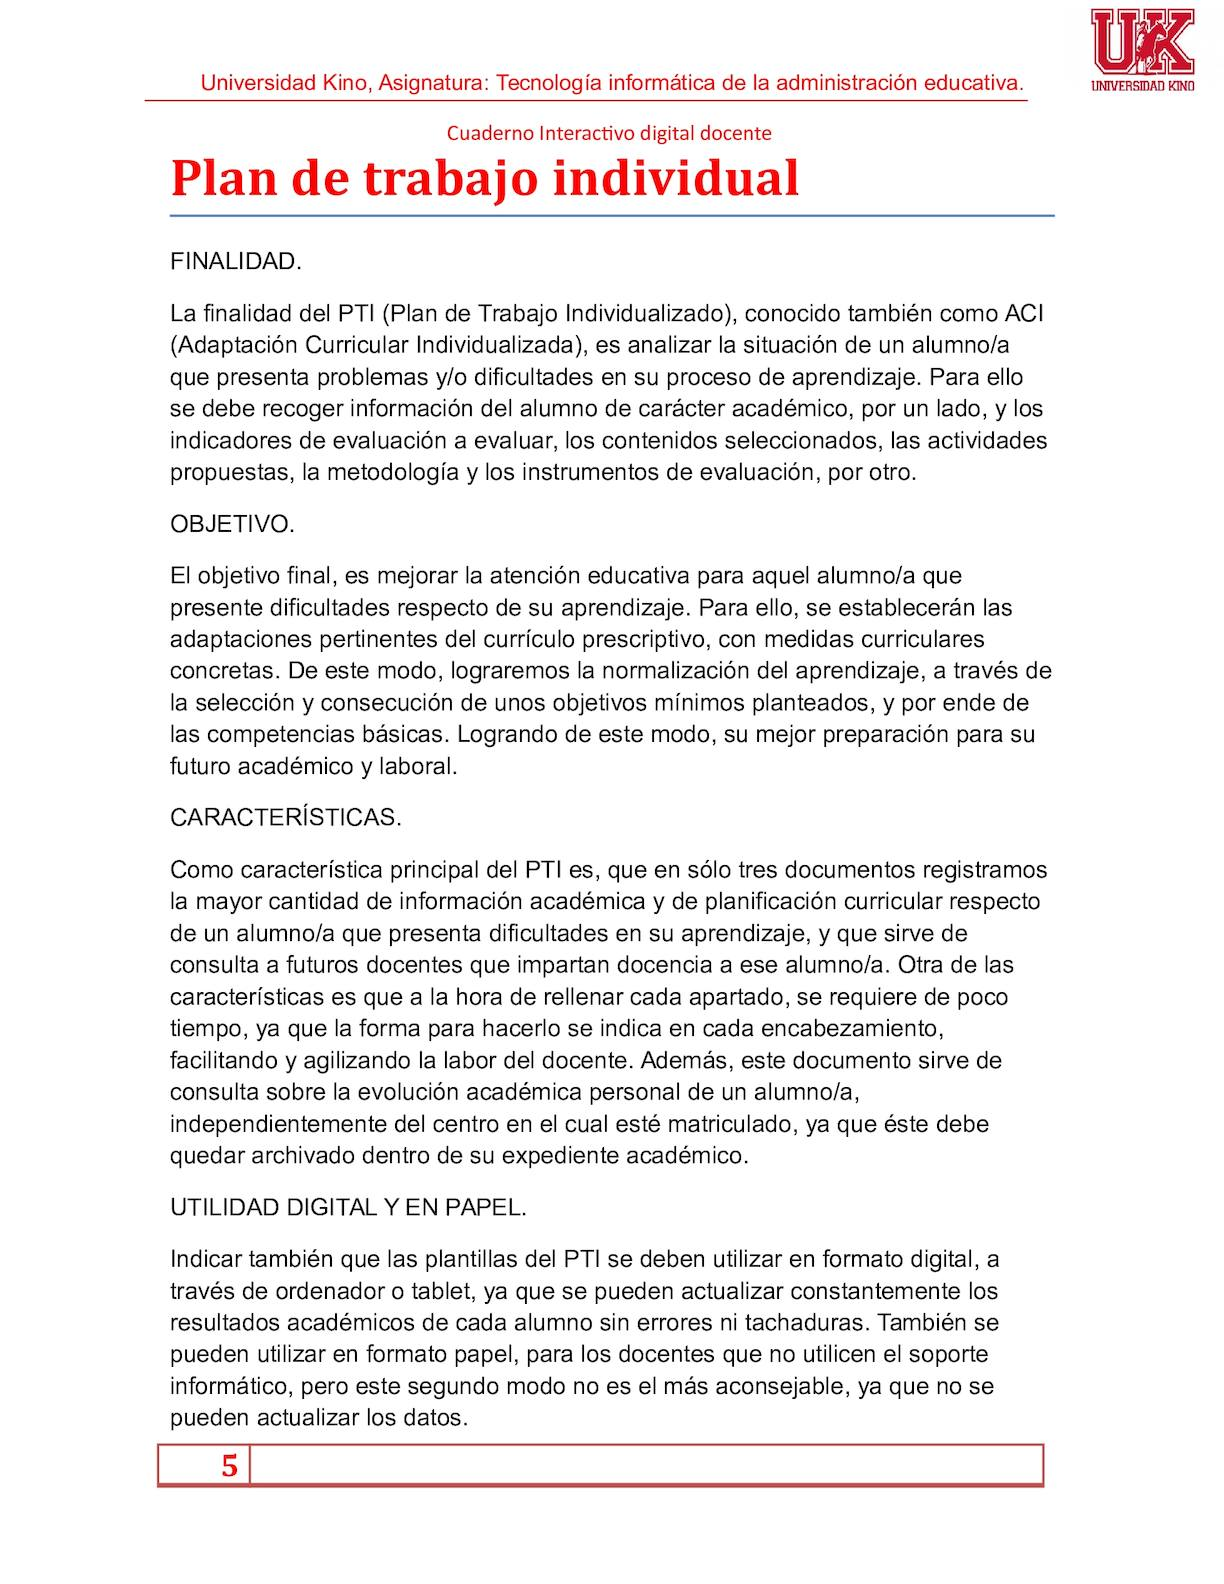 Cuaderno Interactivo Digital Docente - CALAMEO Downloader